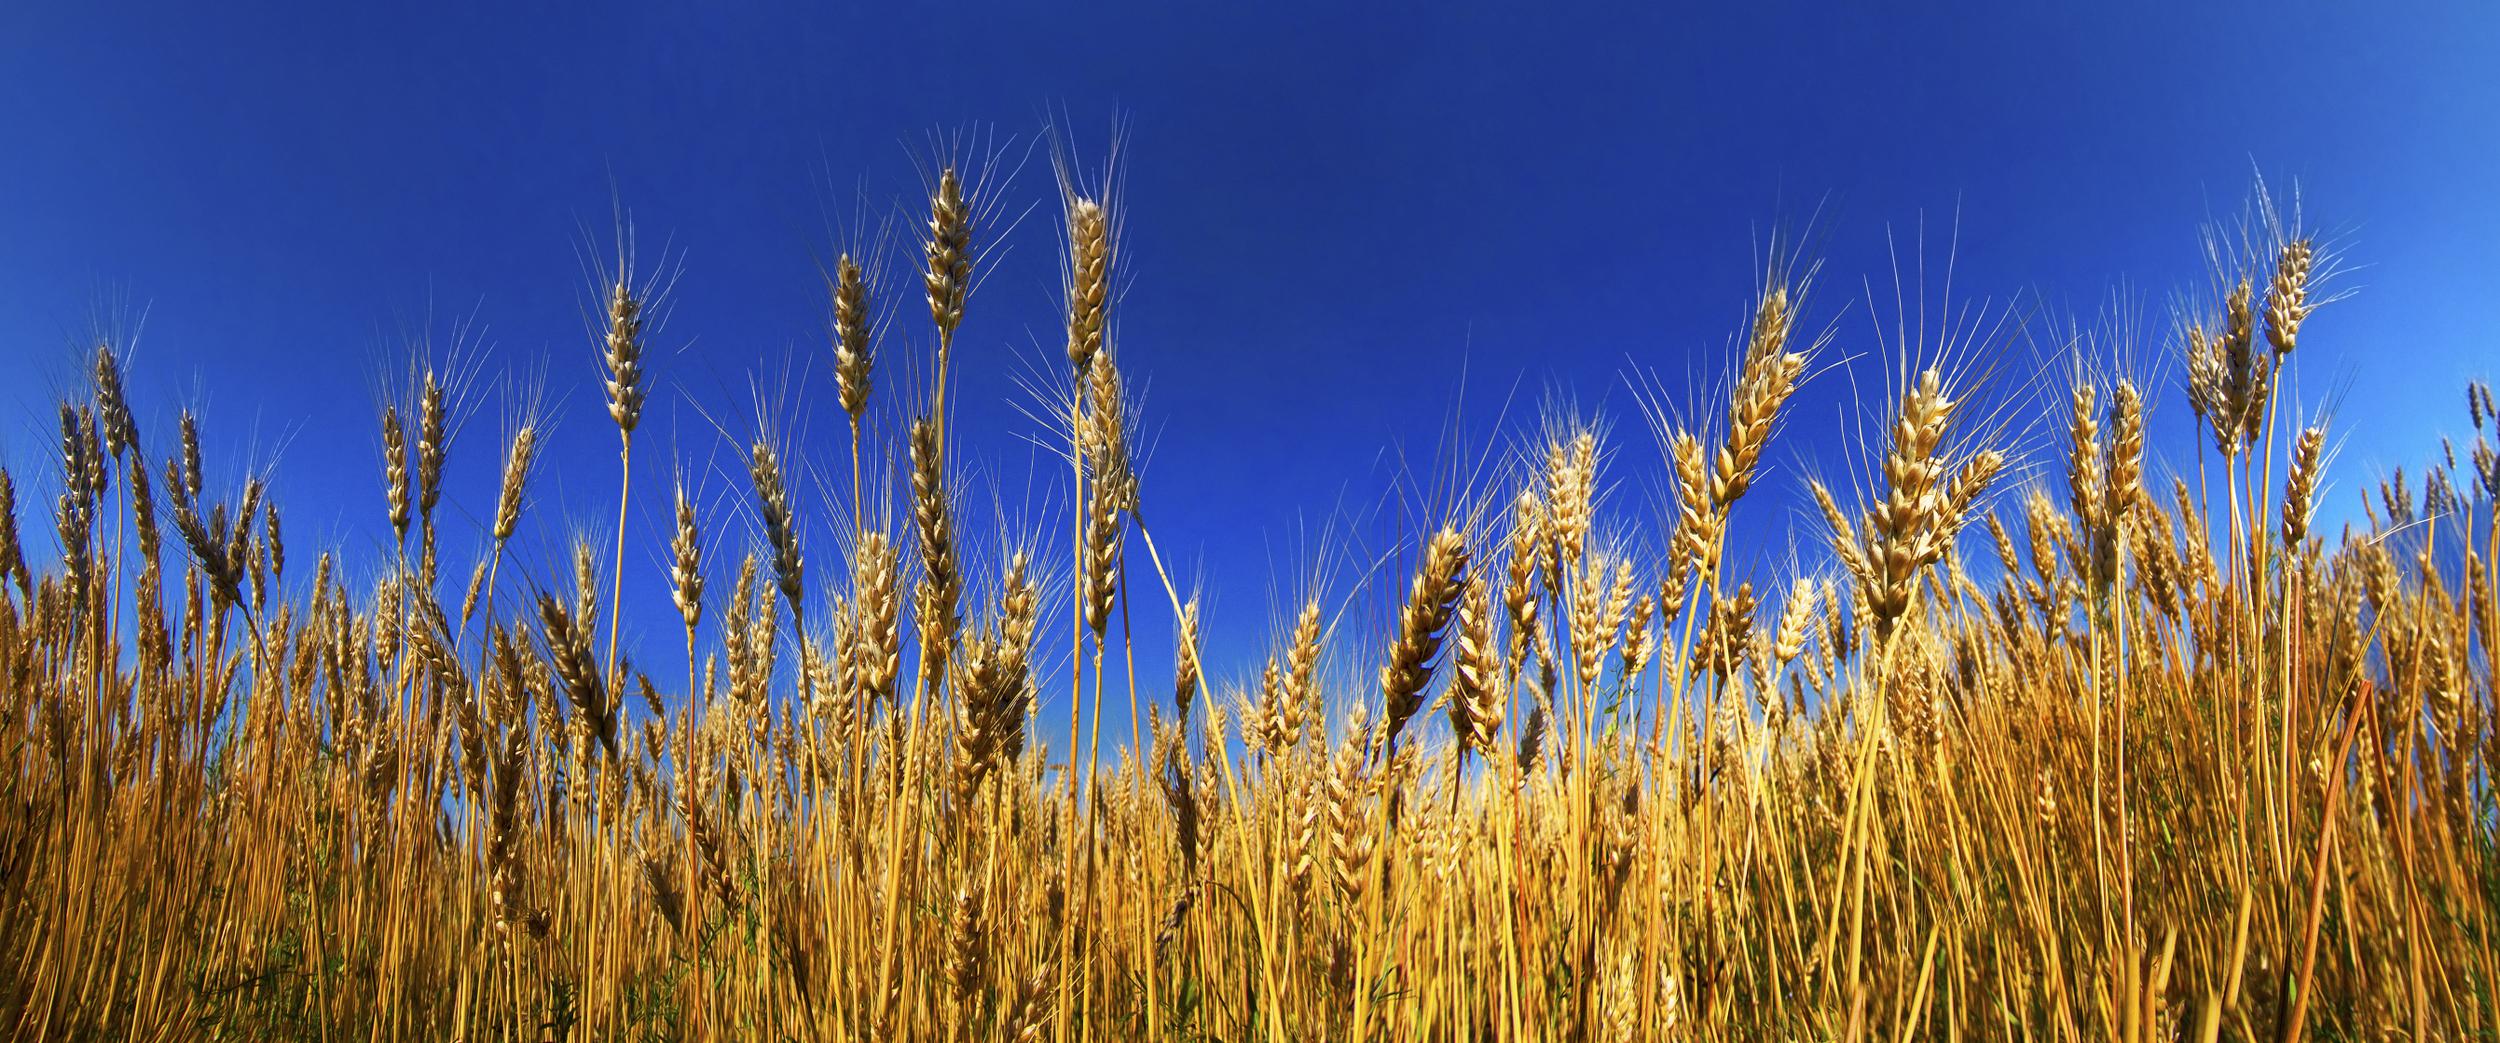 Wheat Field in Ukraine